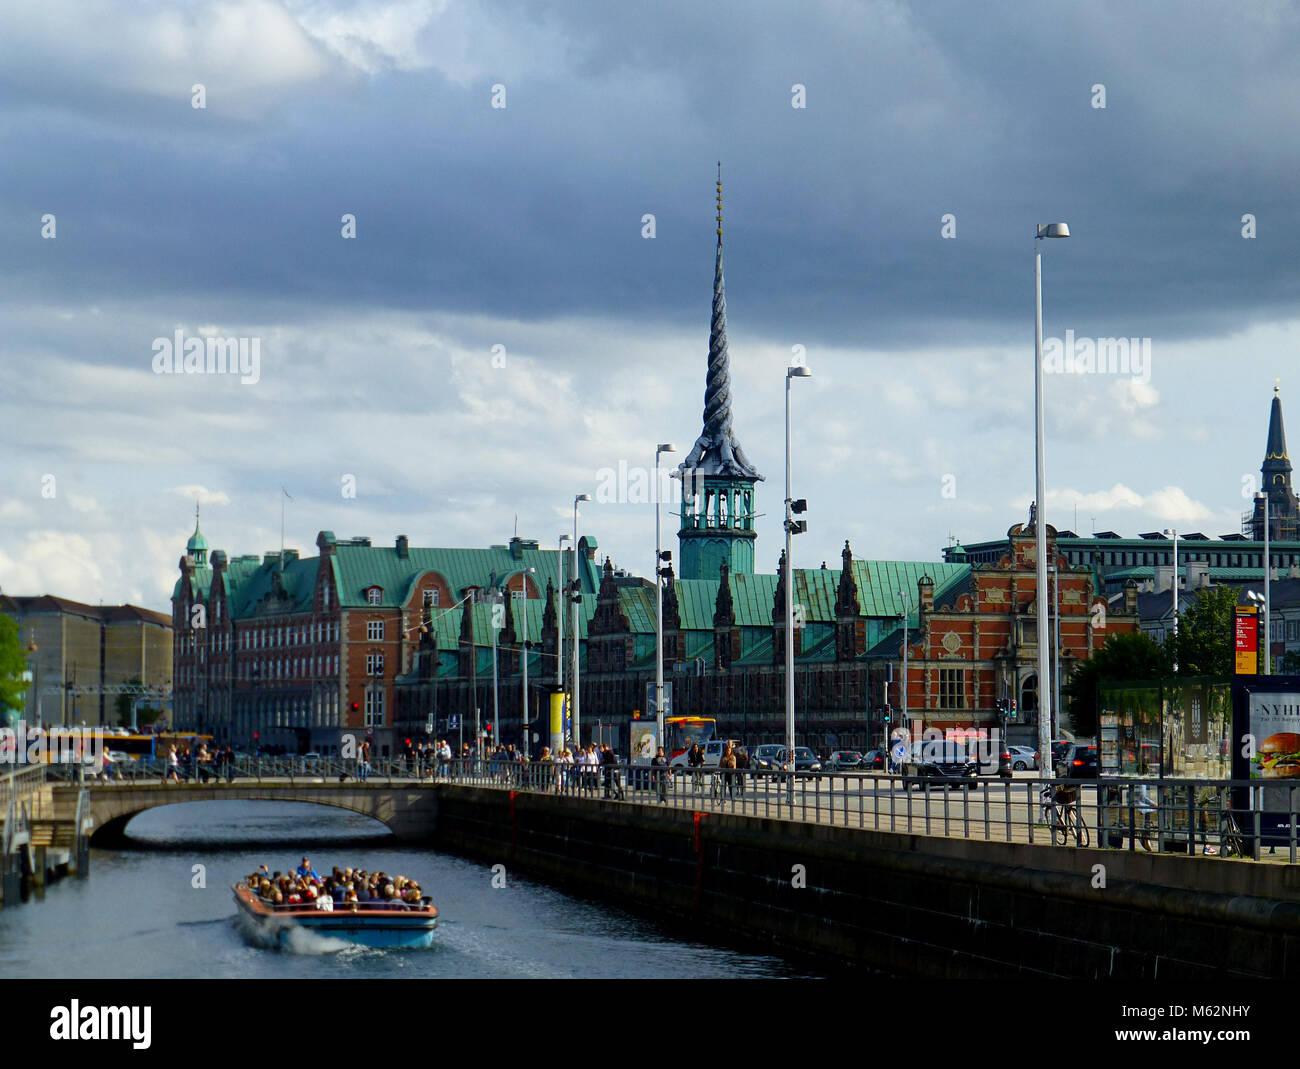 View of Copenhagen with Borsen from riverside, summer - Stock Image